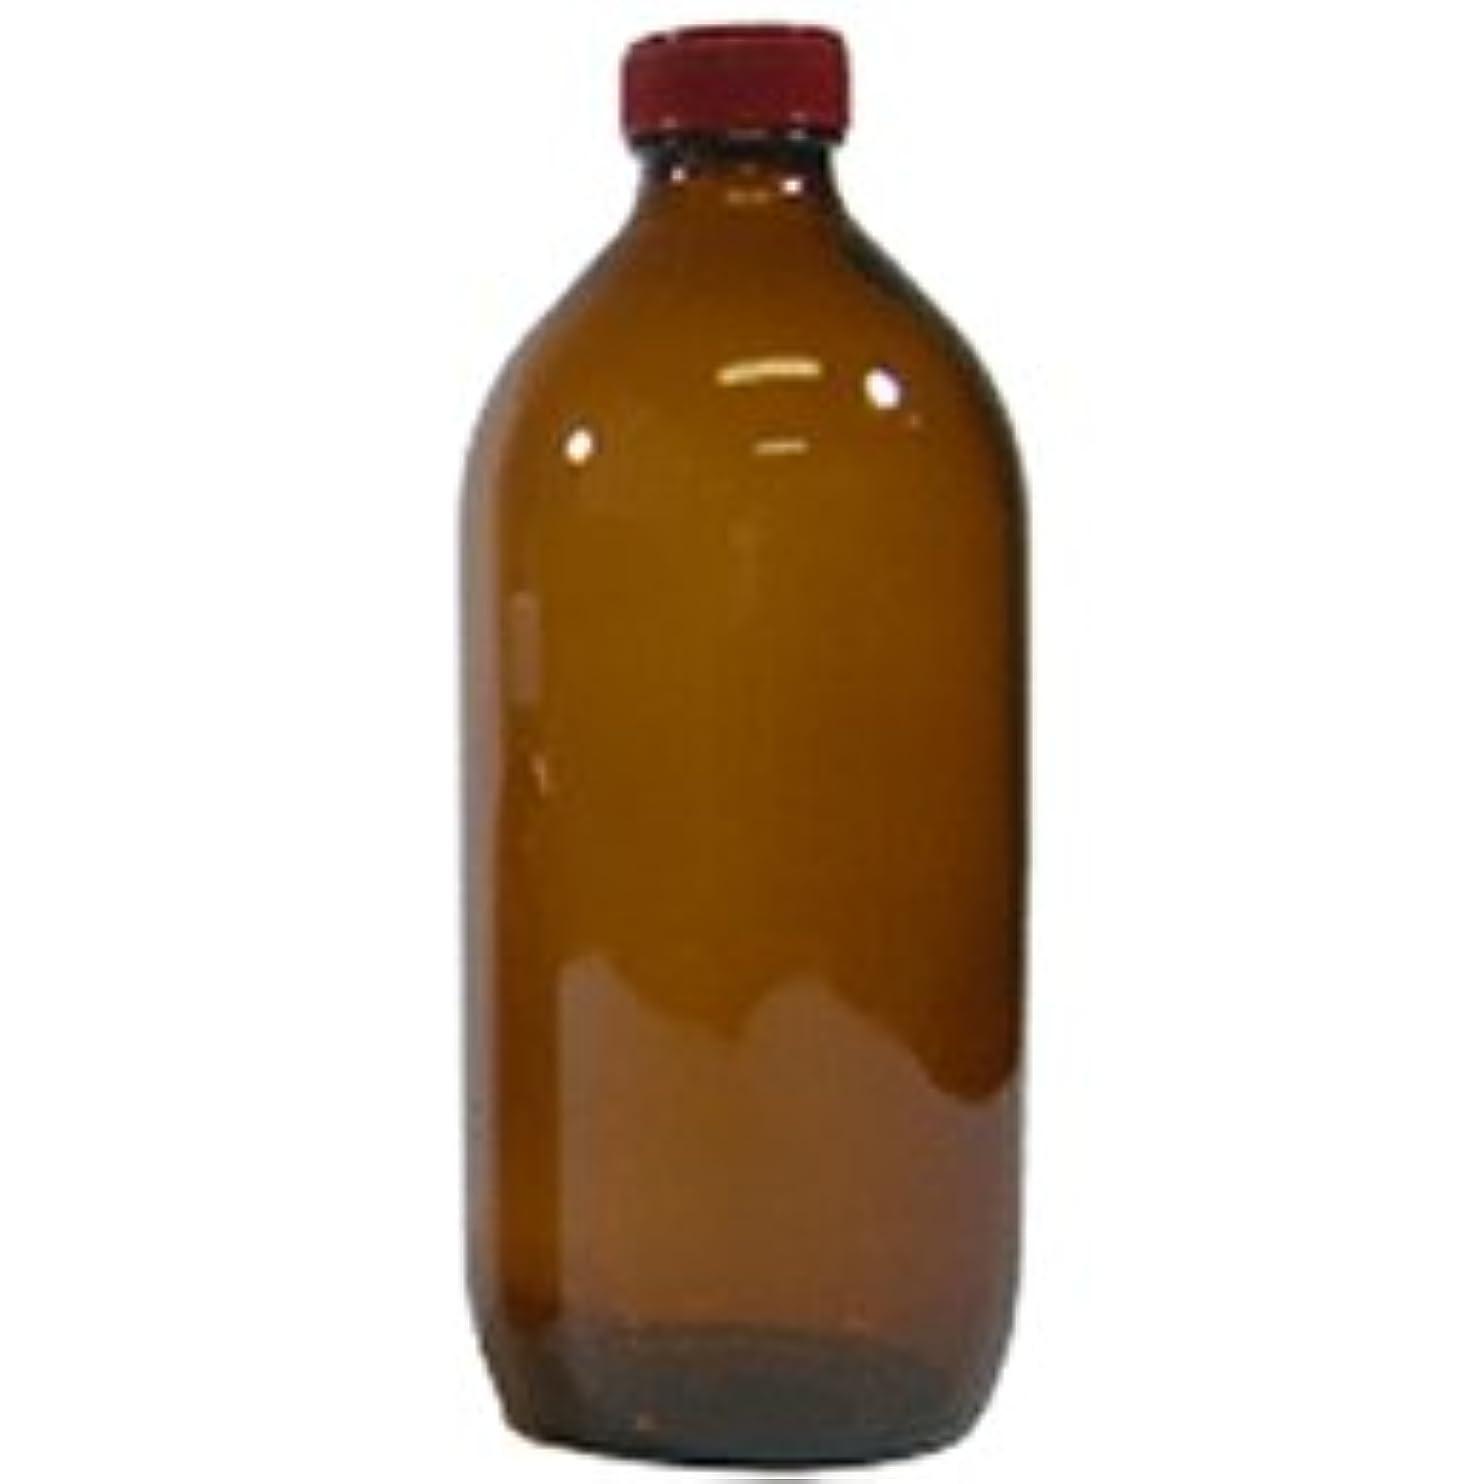 インペリアルオレンジ犠牲遮光ビン 500ml (中栓付)